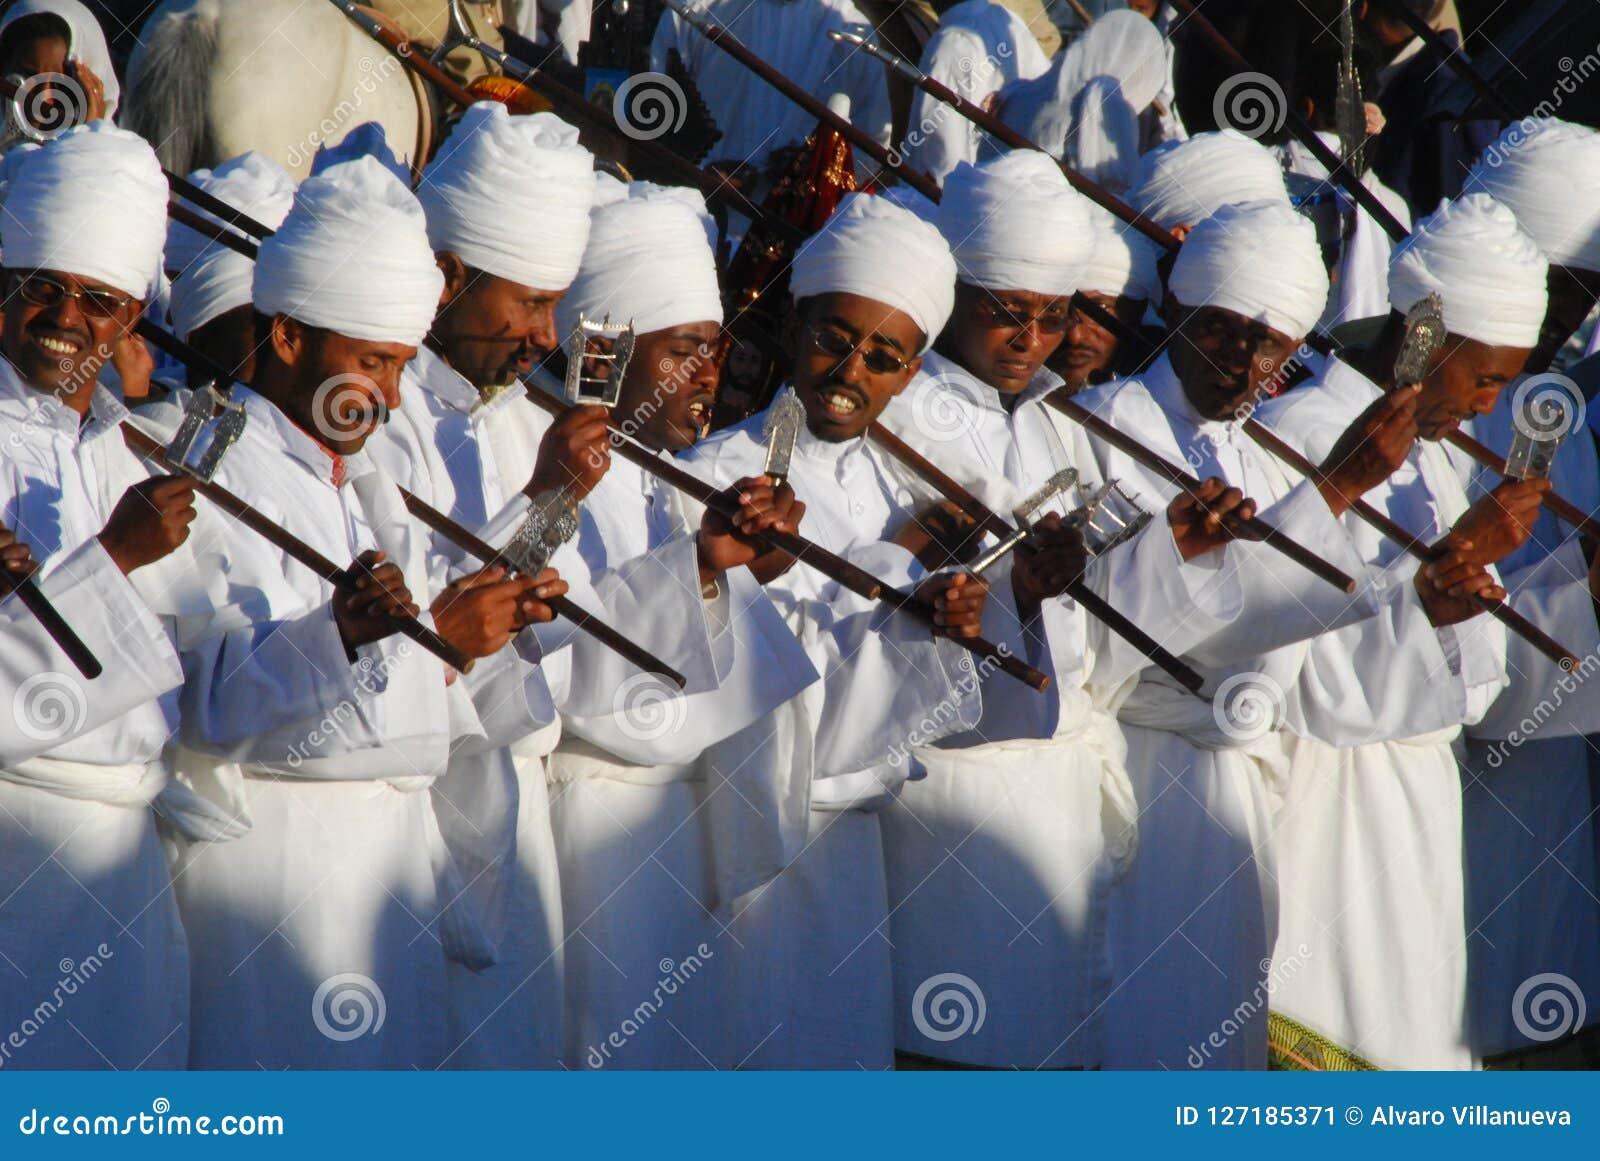 Addis Ababa, Ethiopië: Priesters die gebeden tijdens Timkat, Epiphany-vieringen scanderen